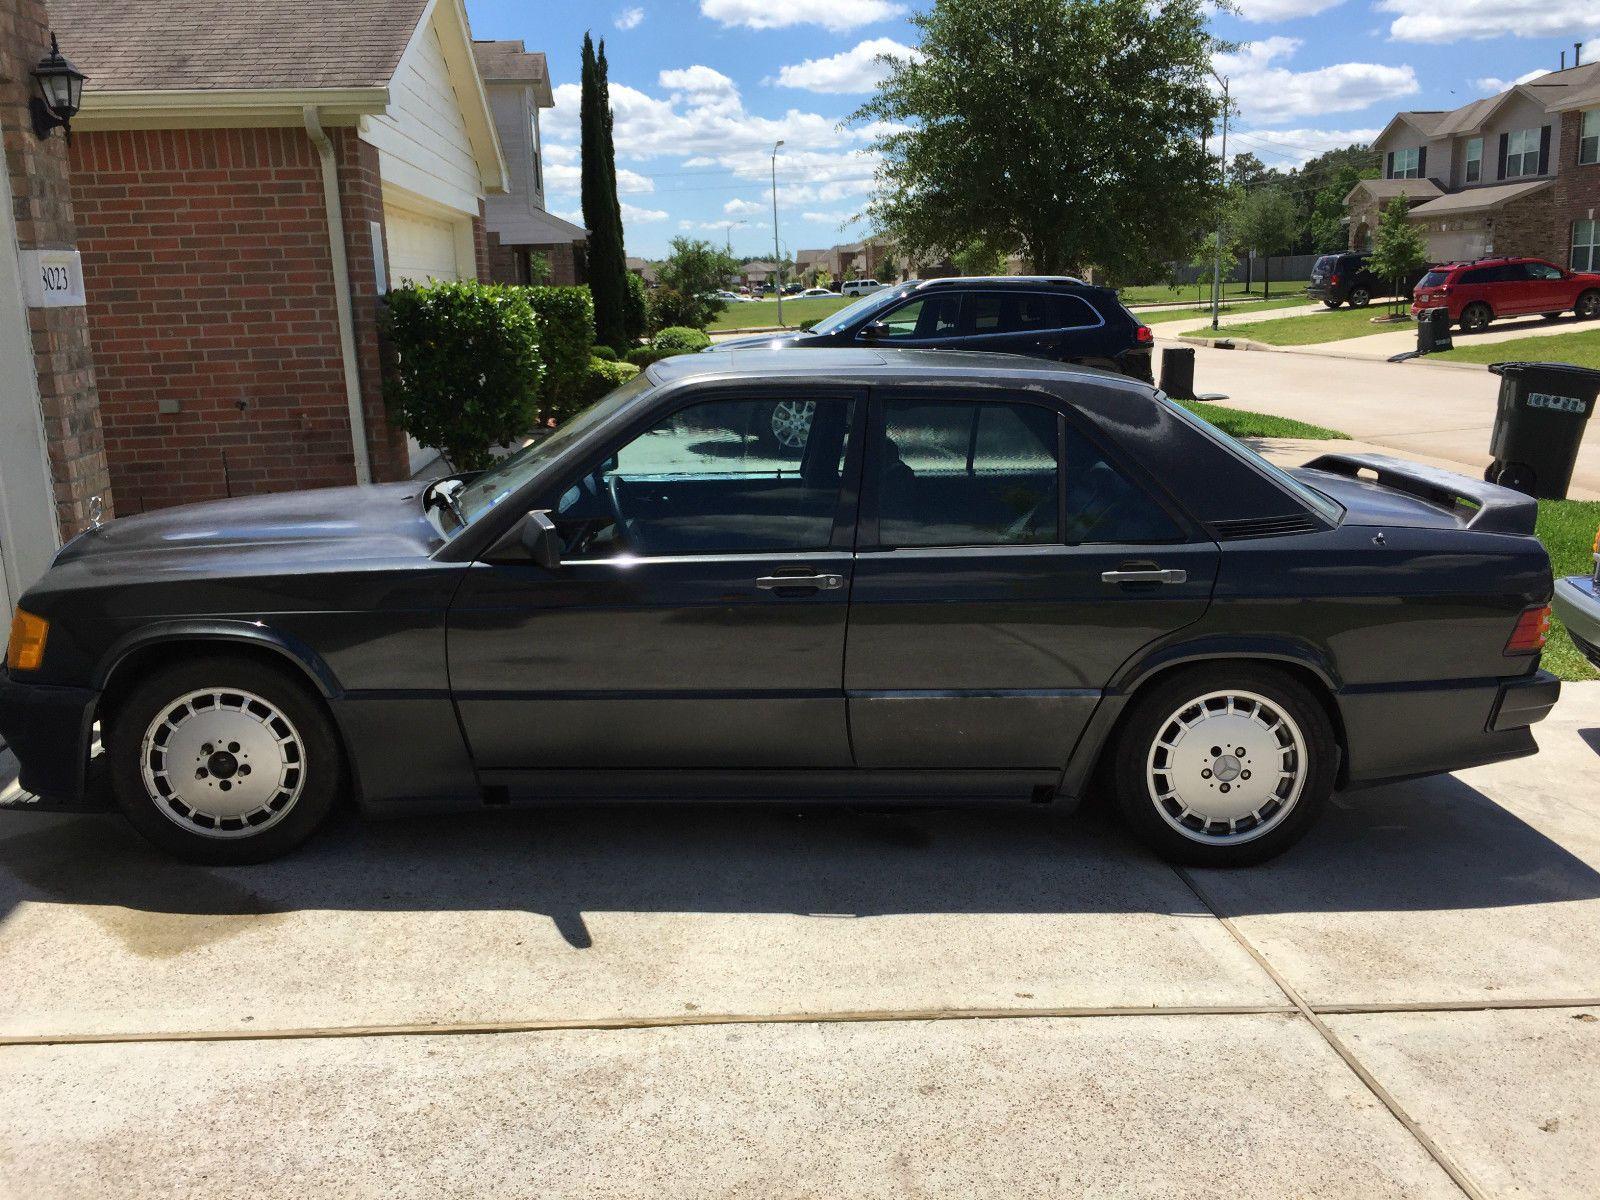 1987 mercedes benz 190e 23 16v sedan 23l cosworth w201 80s 1987 mercedes benz 190e 23 16v sedan 23l cosworth w201 fandeluxe Gallery